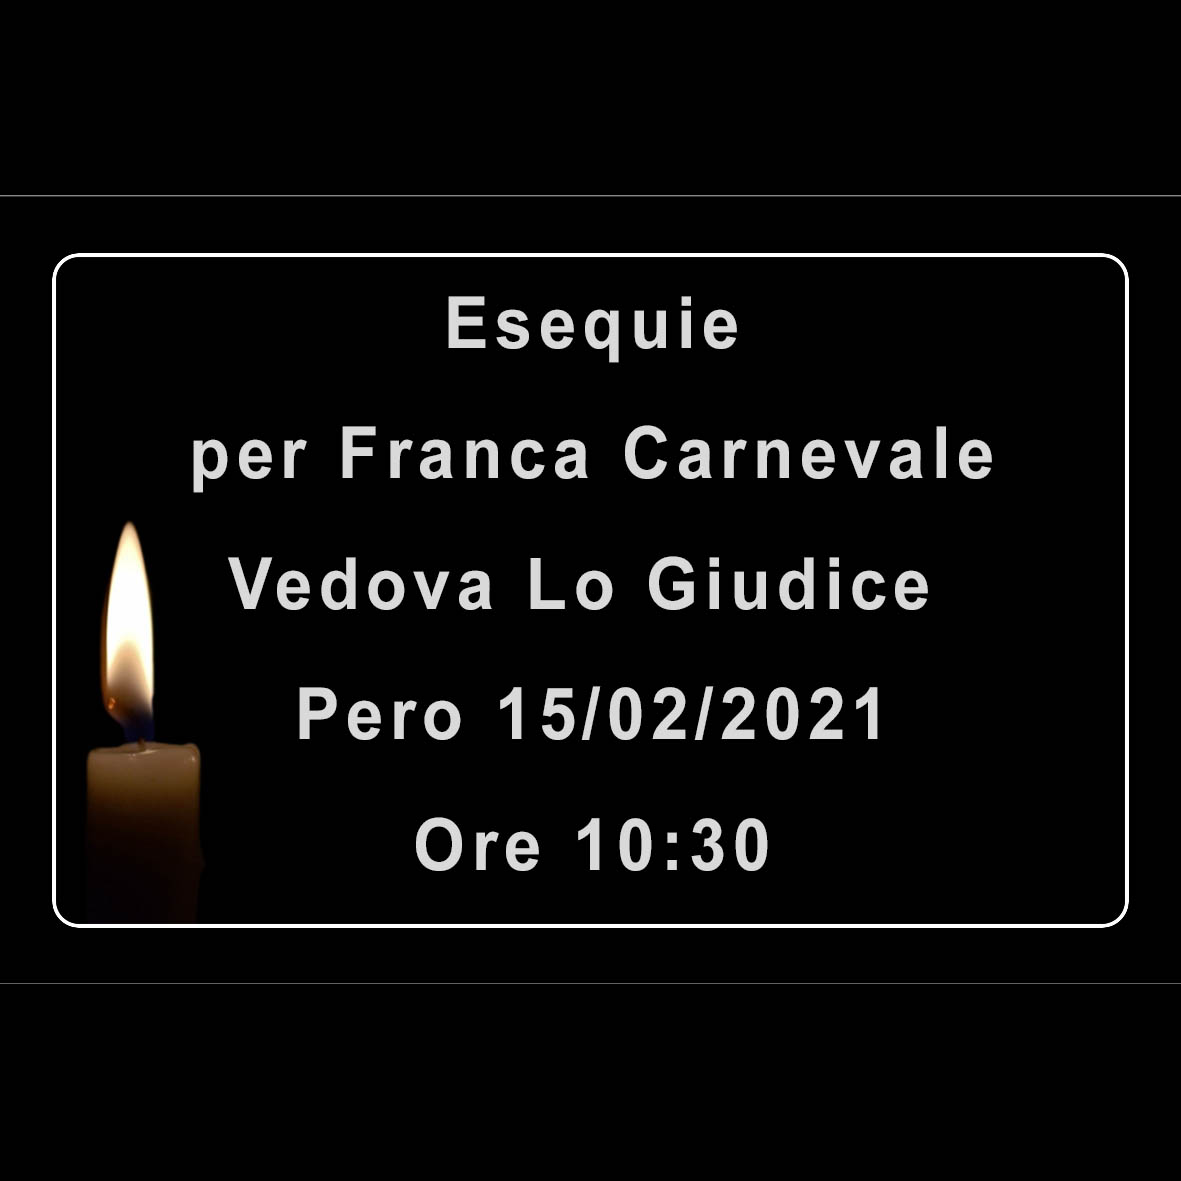 Esequie per Franca Carnevale vedova Lo Giudice